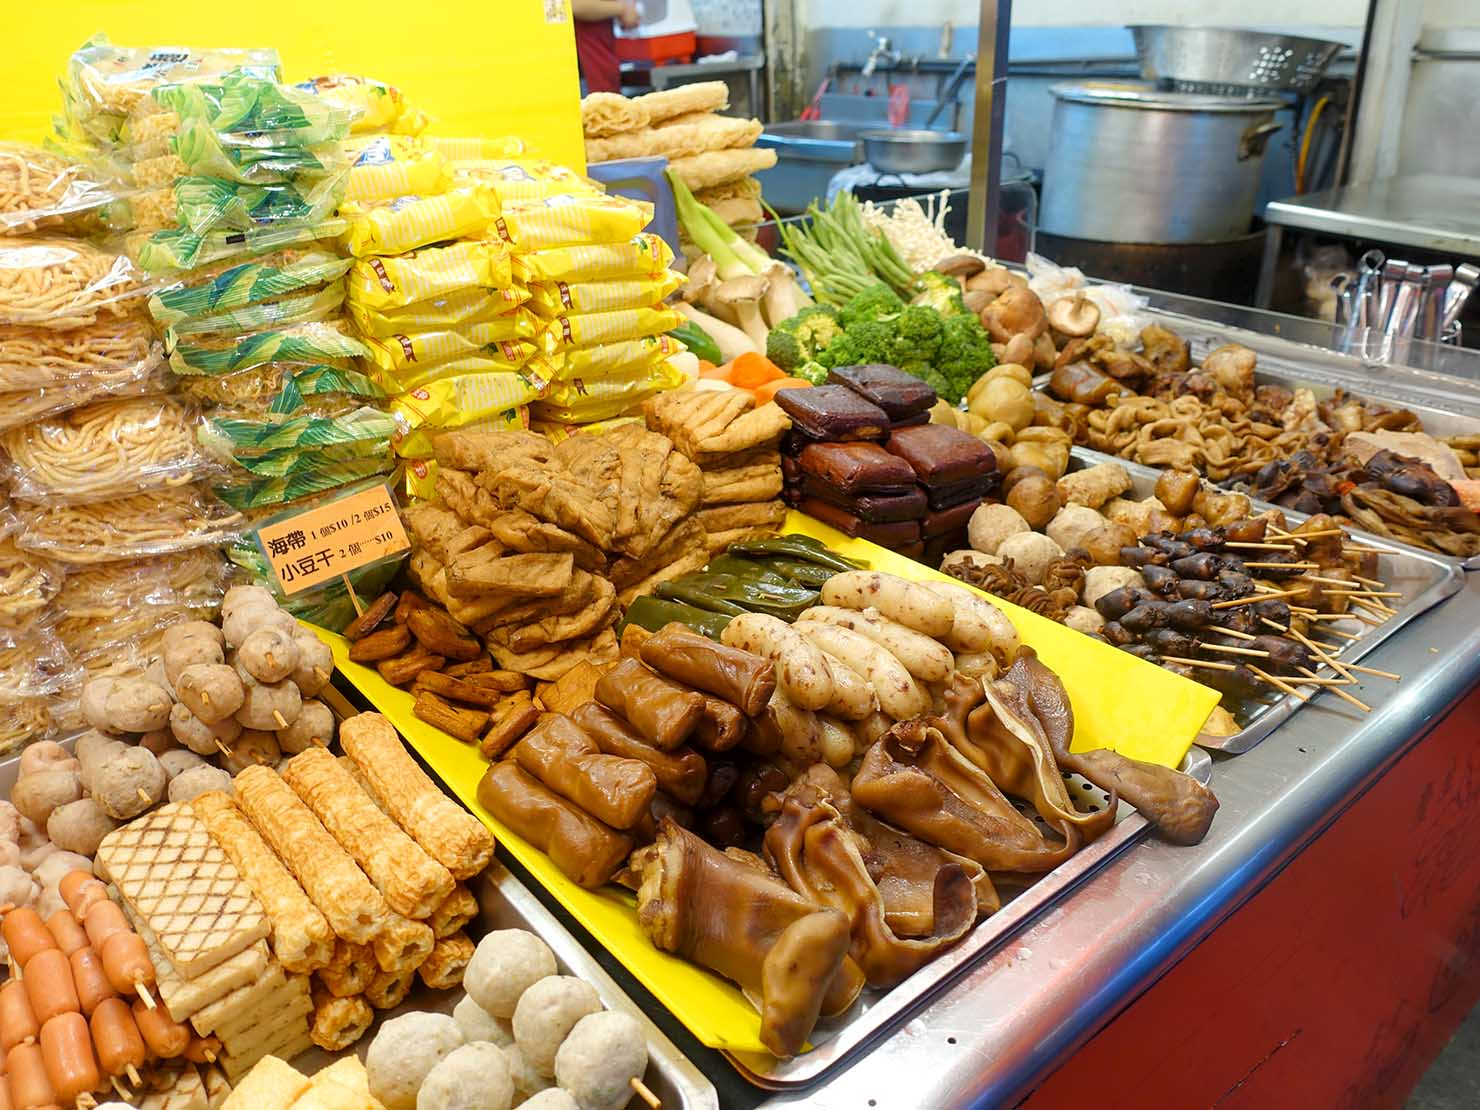 台北・師大夜市のおすすめ台湾グルメ店「金甌滷味」の食材カウンター